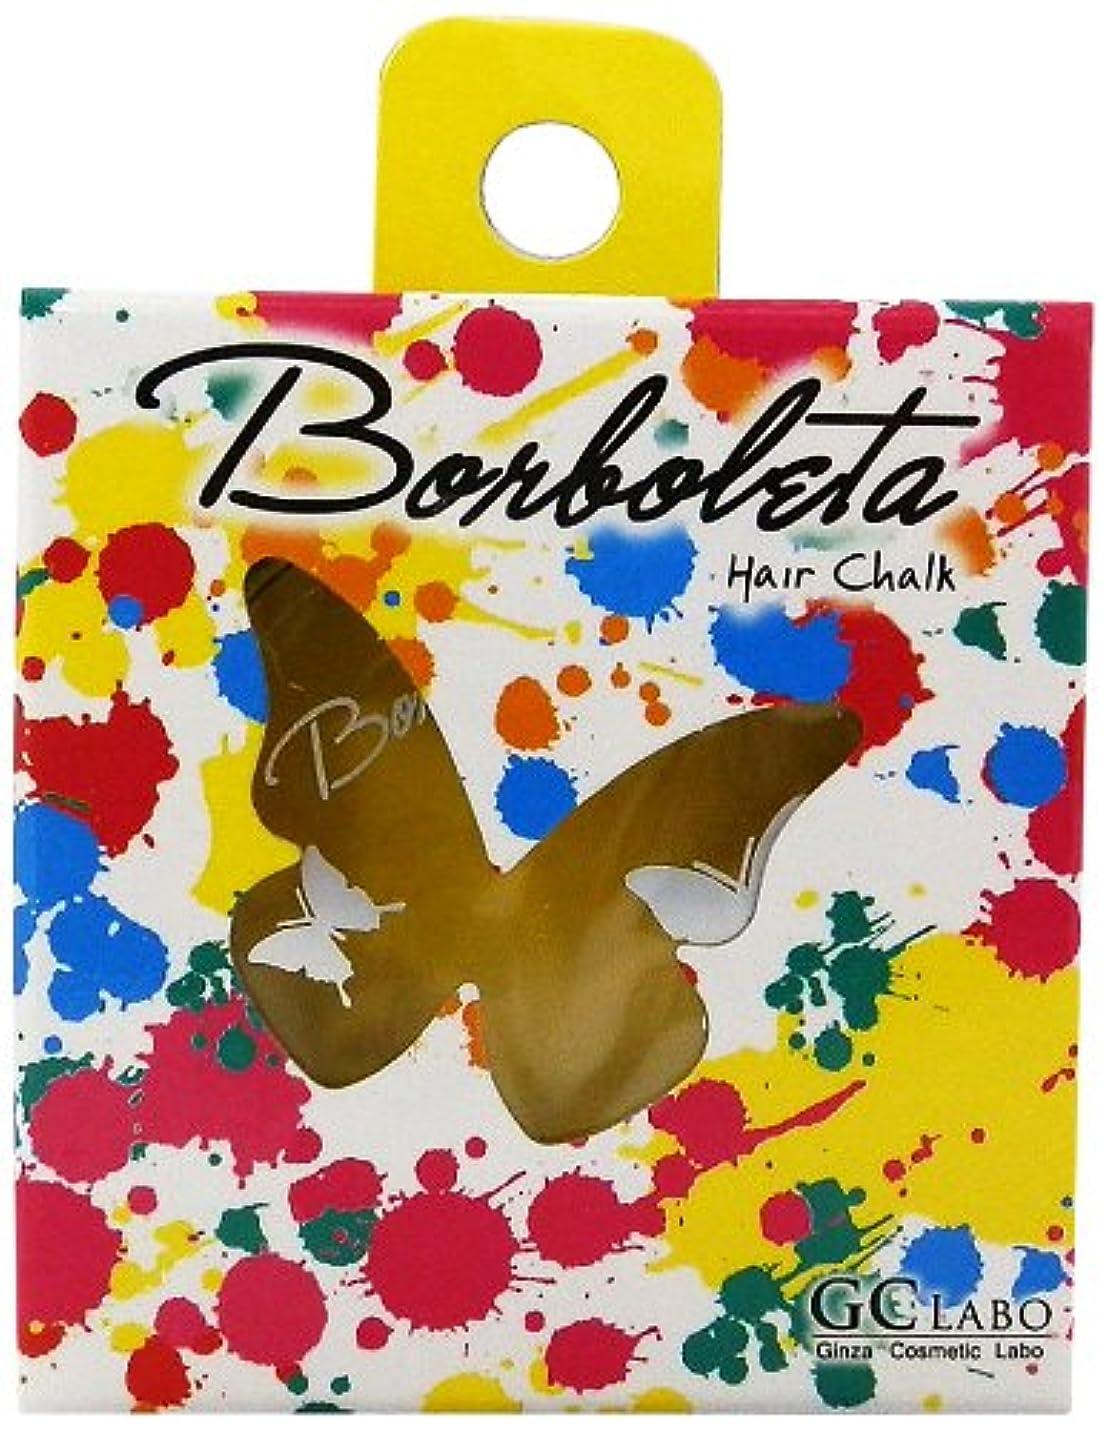 シロナガスクジラ批判的に大騒ぎBorBoLeta(ボルボレッタ)ヘアカラーチョーク イエロー